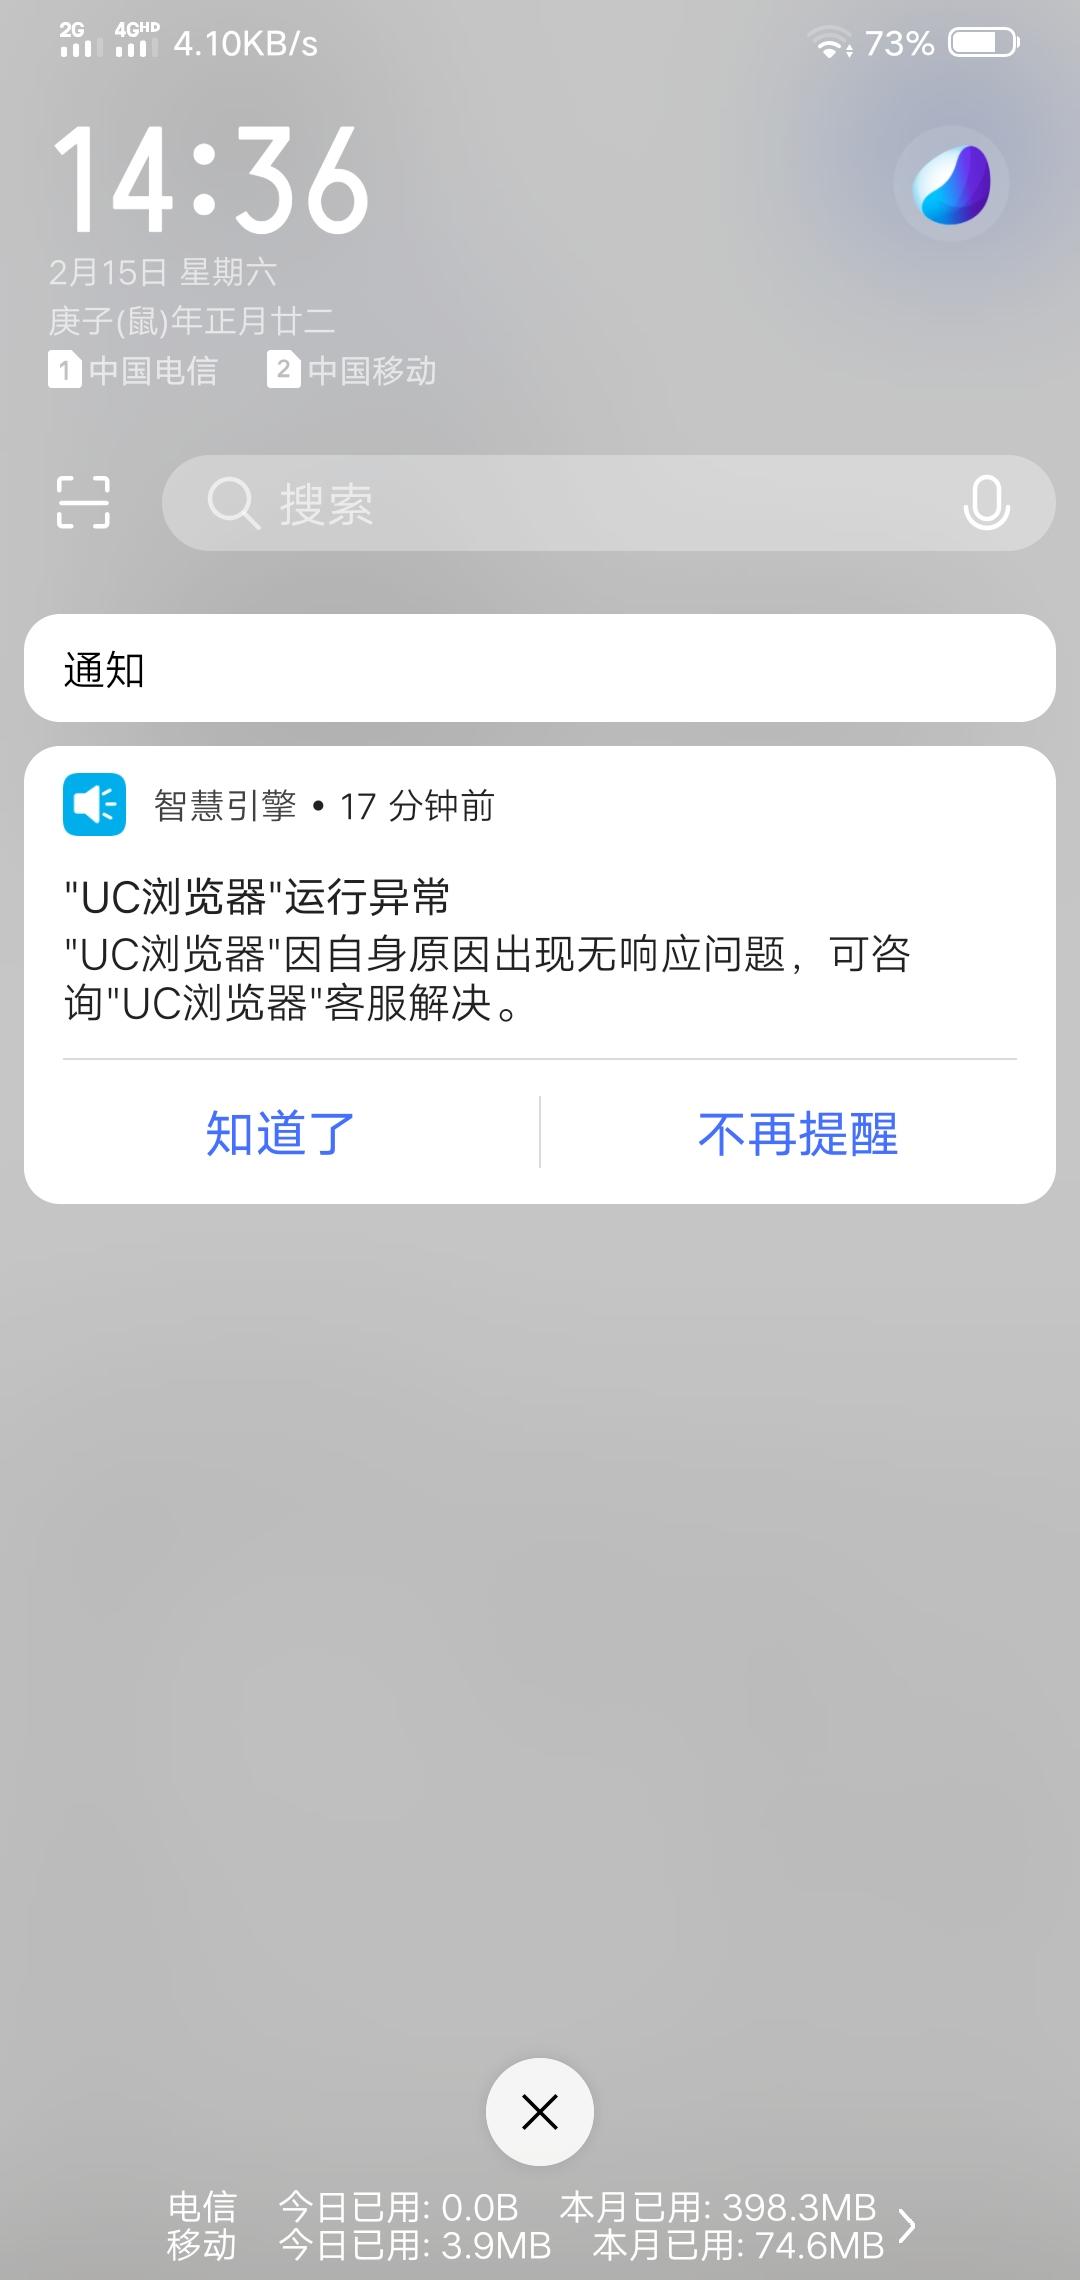 Screenshot_20200215_143607.jpg